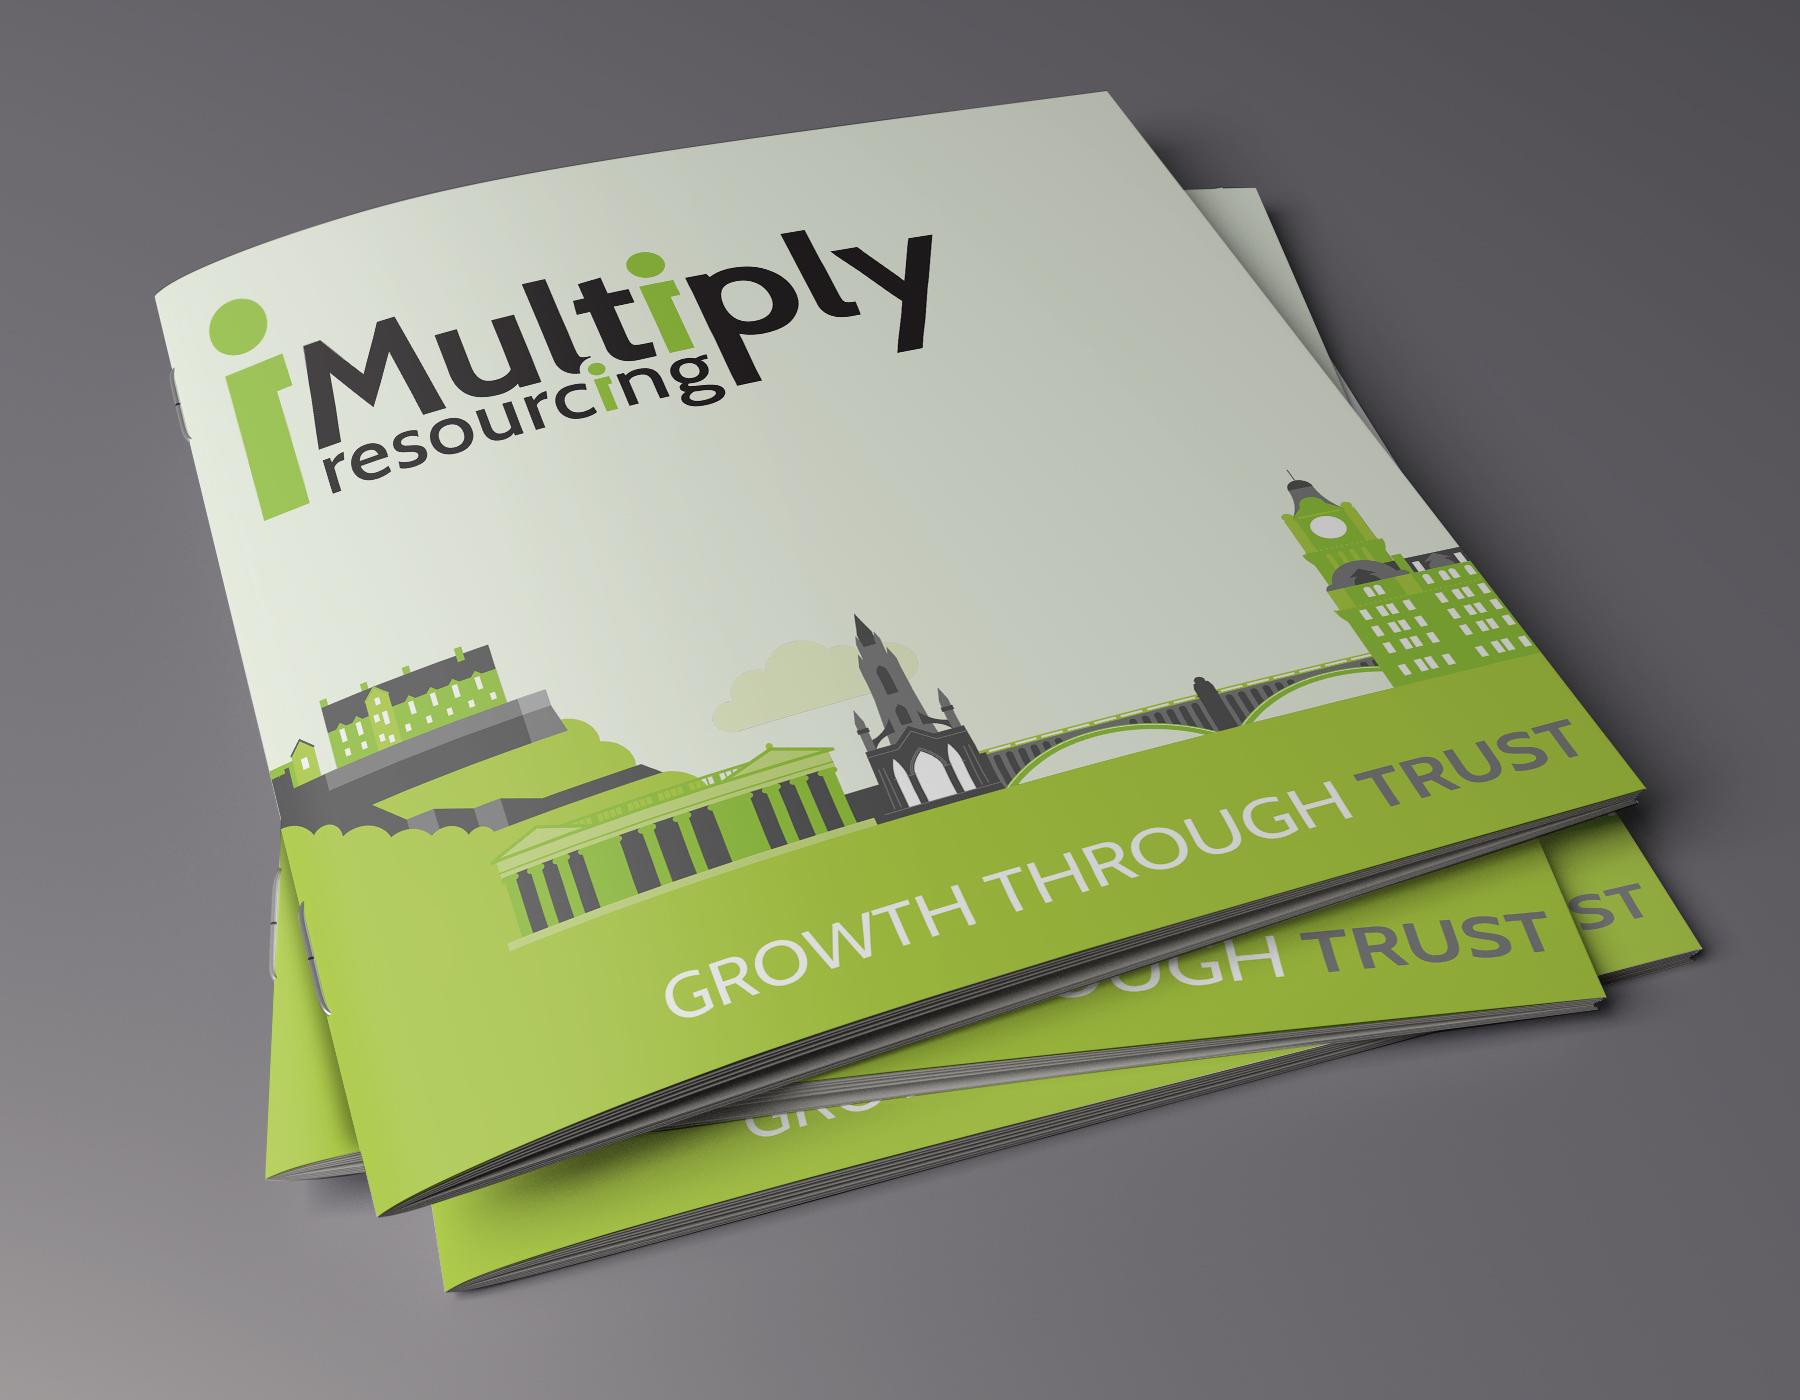 imultiply-illustrations-design1.jpg